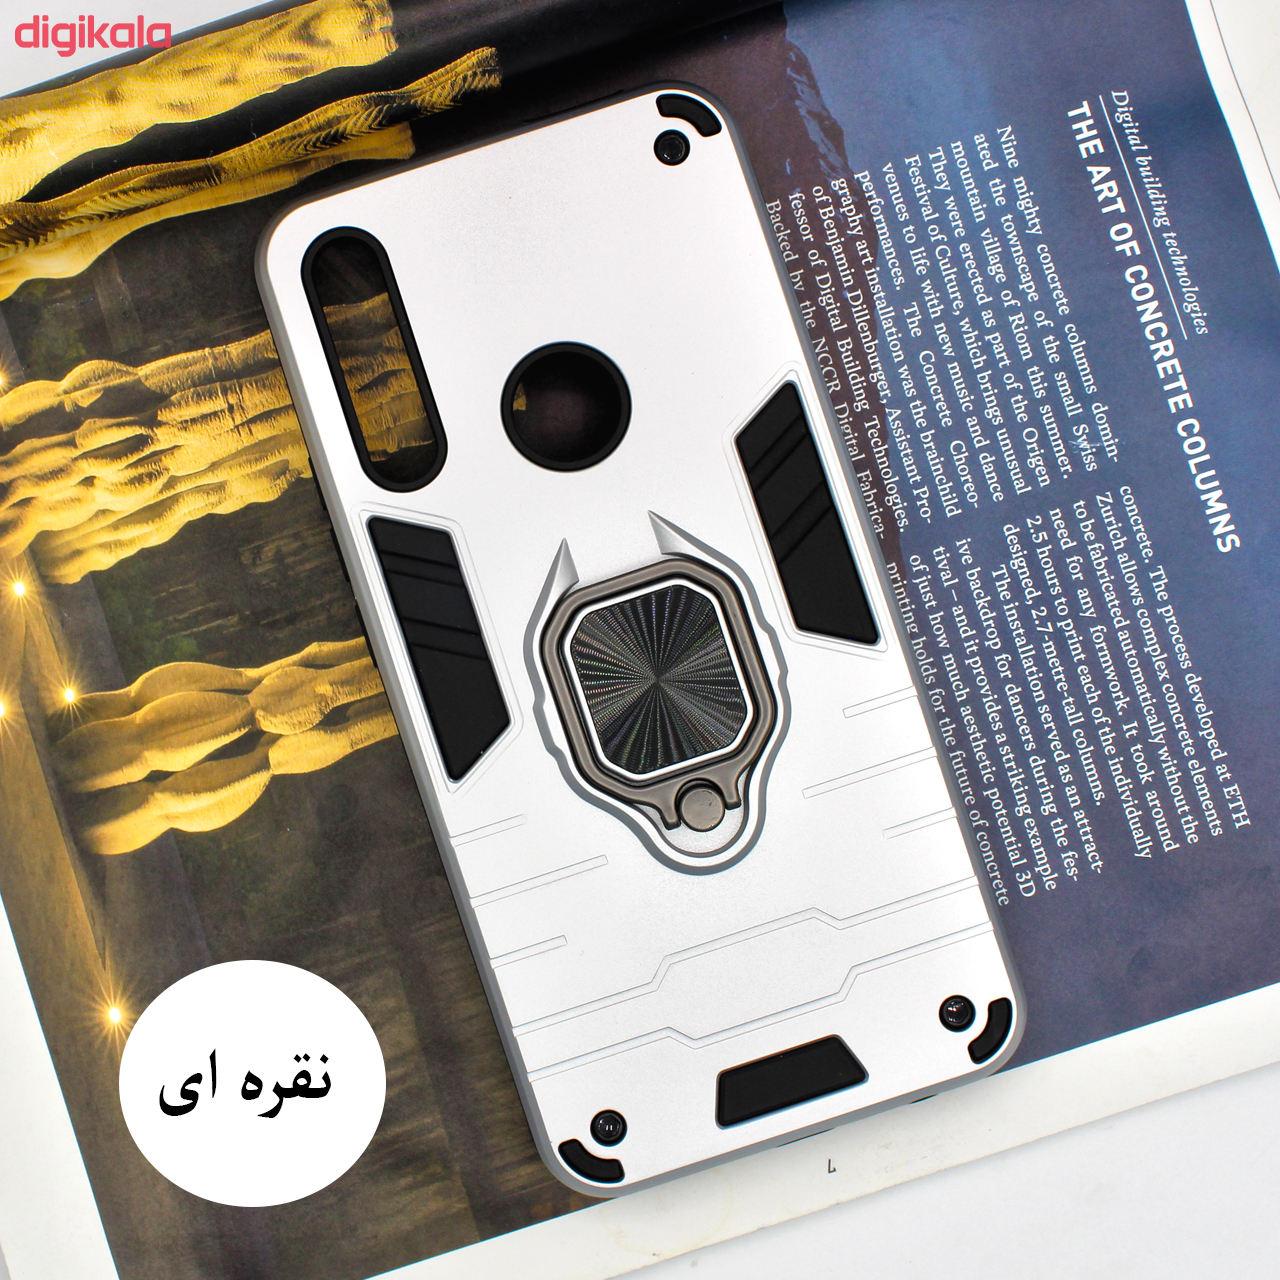 کاور کینگ پاور مدل ASH22 مناسب برای گوشی موبایل هوآوی Y9 Prime 2019 / آنر 9X main 1 10